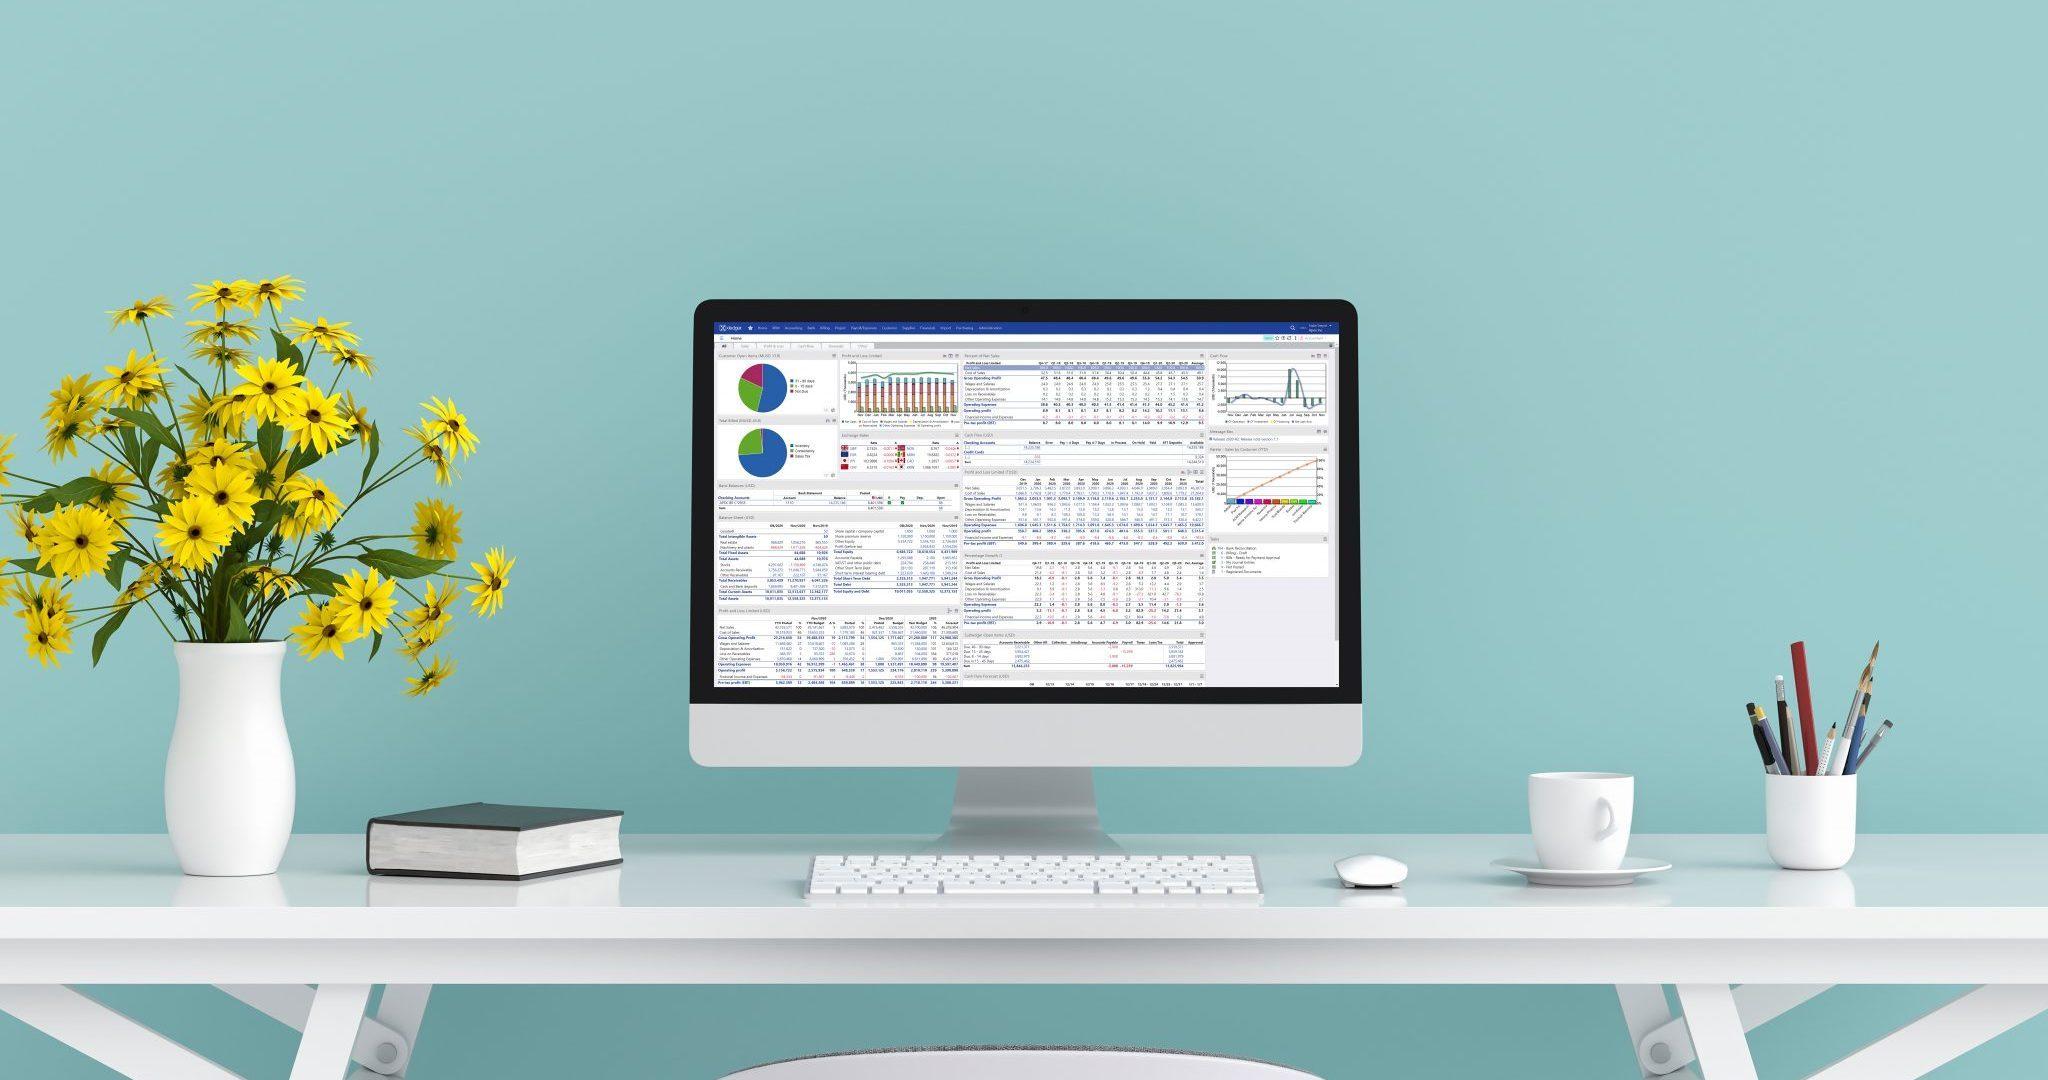 Xledger Insight BI Tools